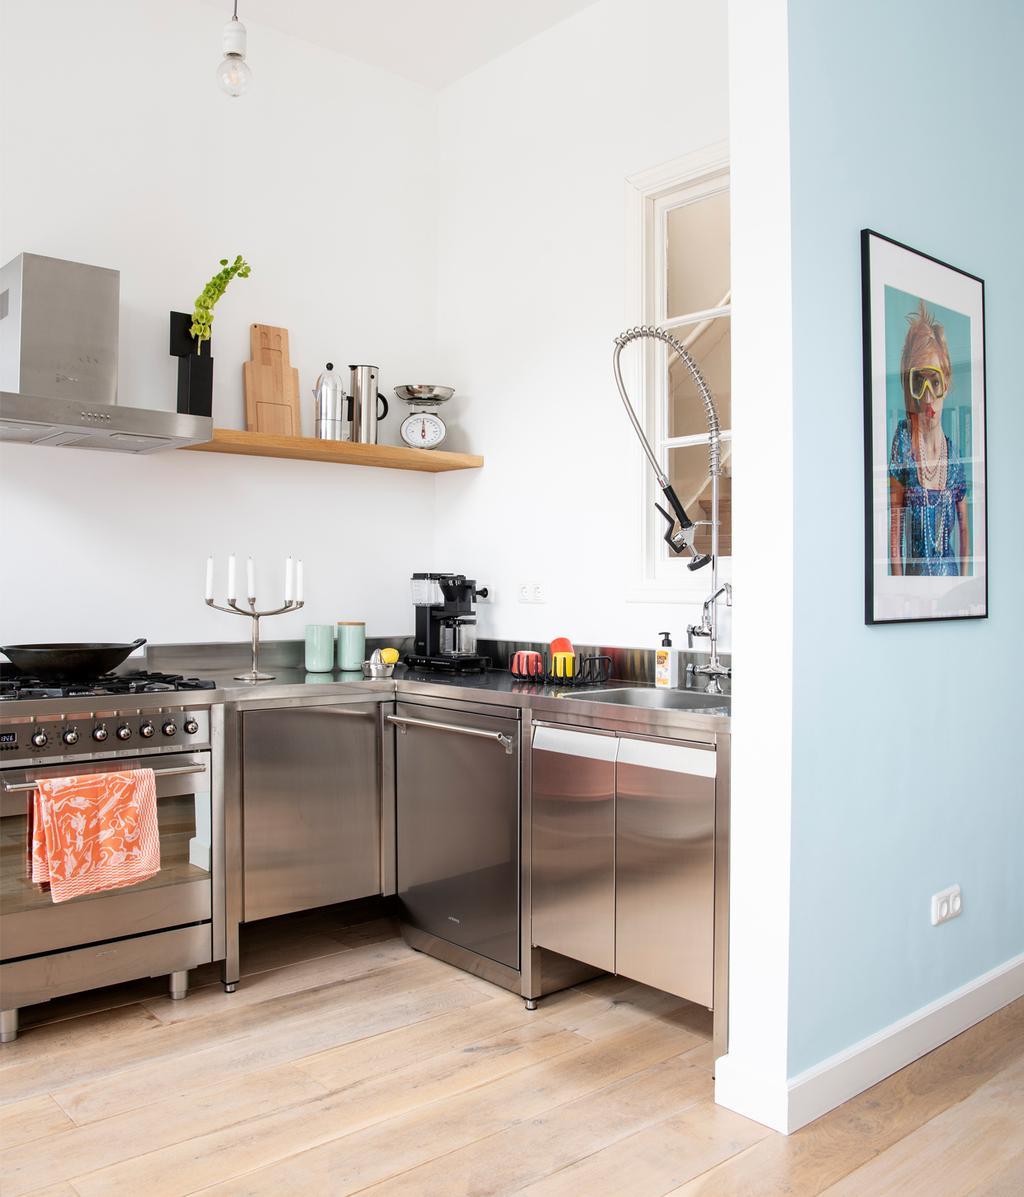 Keuken | Klleurrijk herenhuis | vtwonen